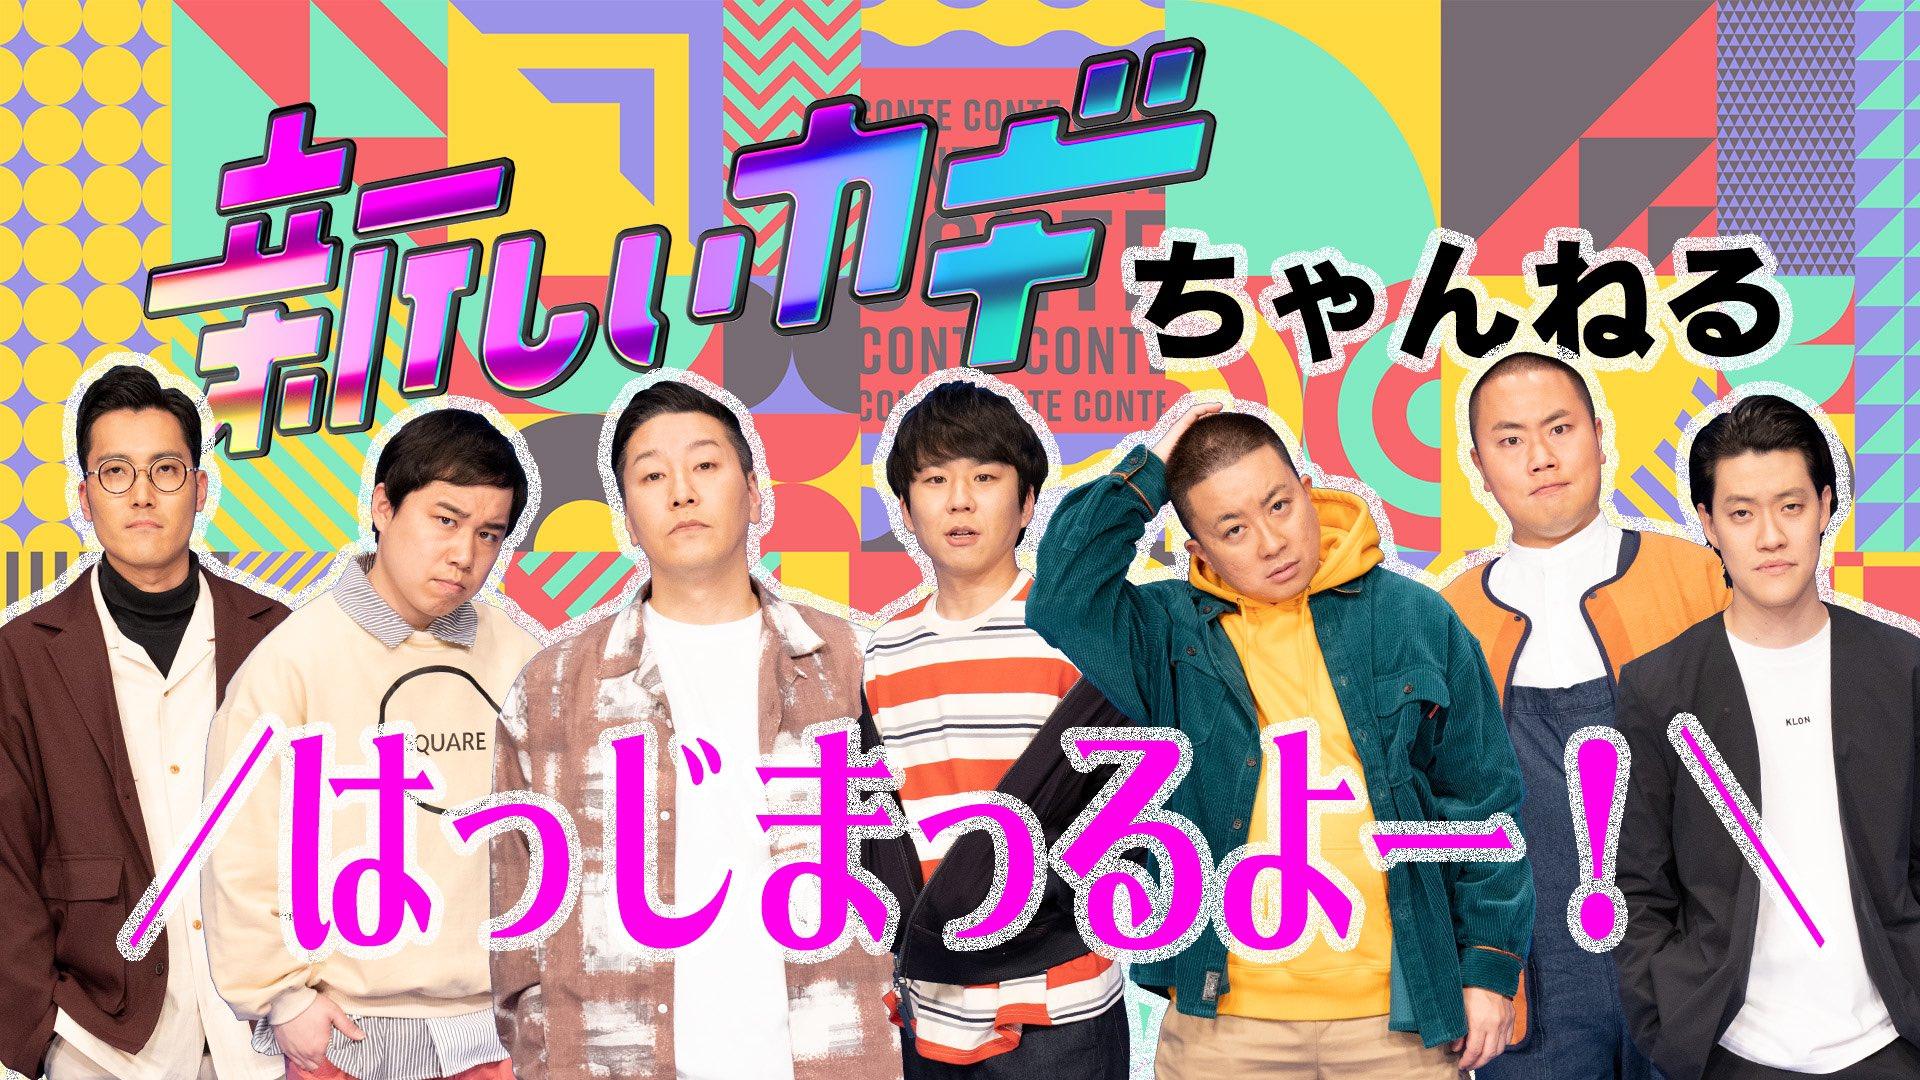 チョコプラ松尾がB'z「兵、走る」の発音に挑戦した『新しいカギ』の画像